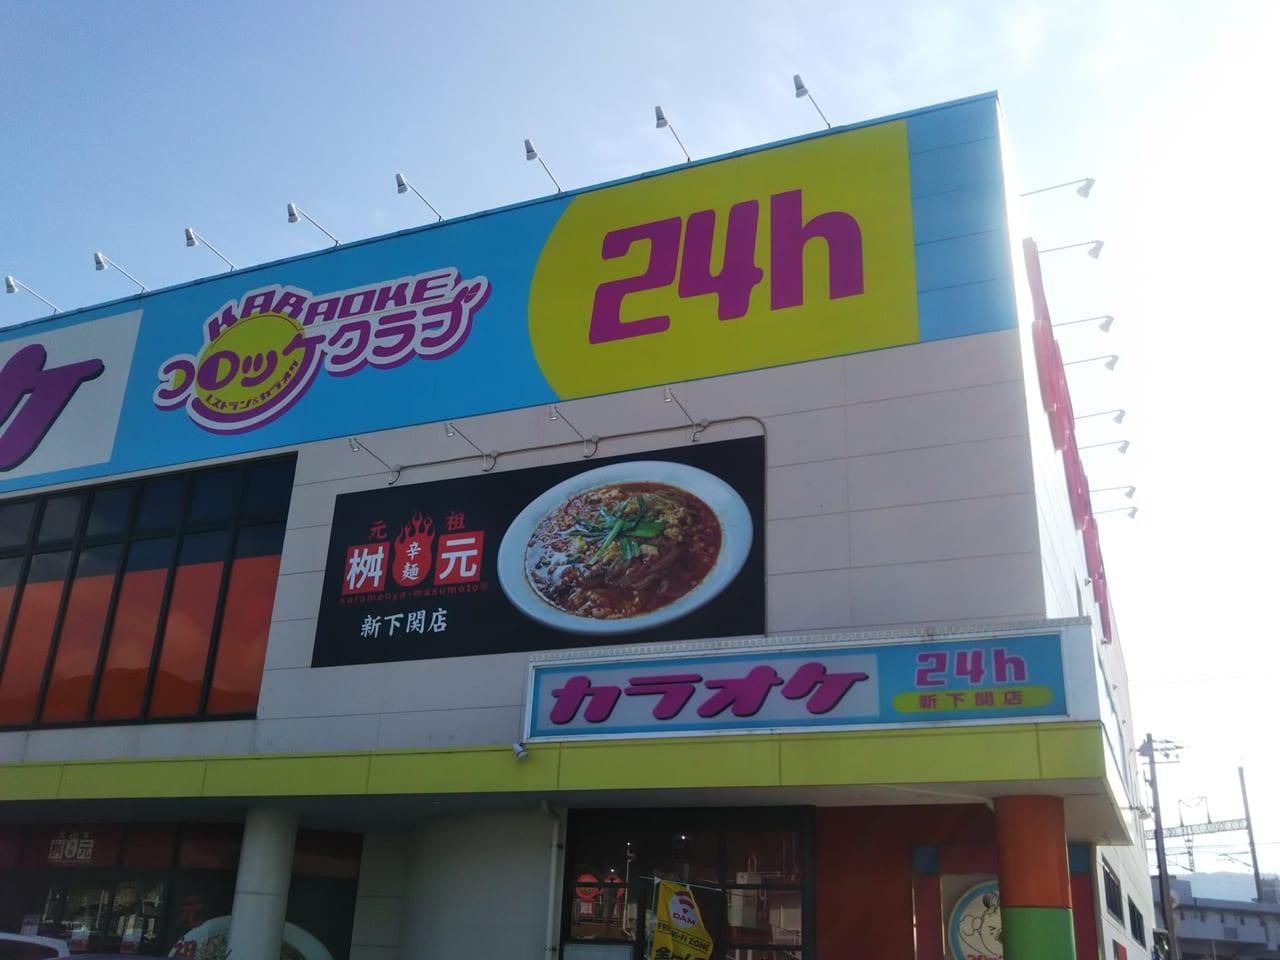 元祖辛麺屋桝元新下関店